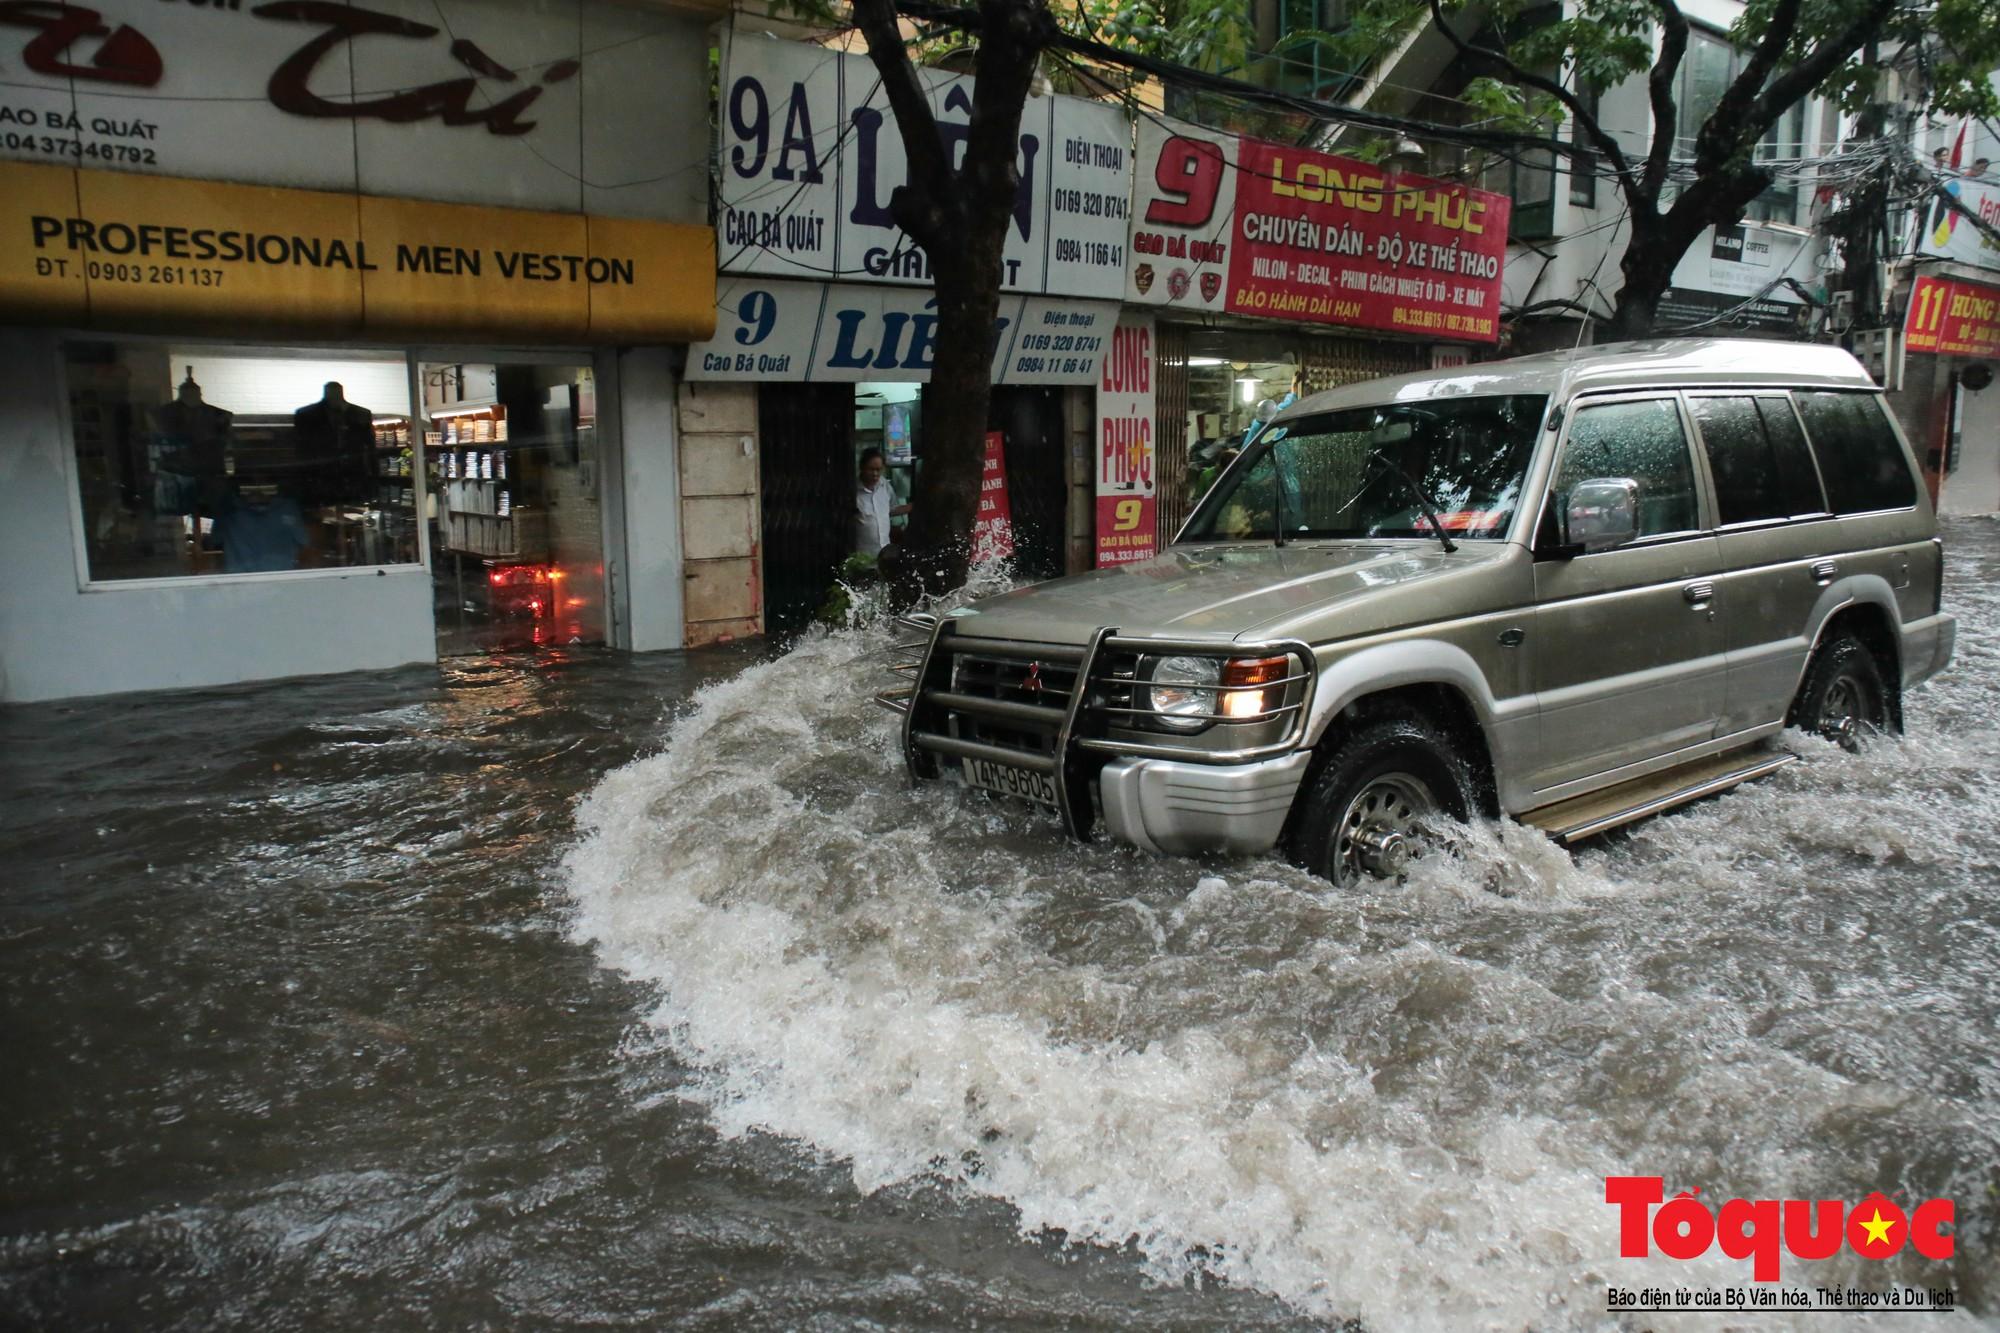 Hà Nội mưa lớn, xế hộp tập bơi qua tuyến phố ngâp nước (15)